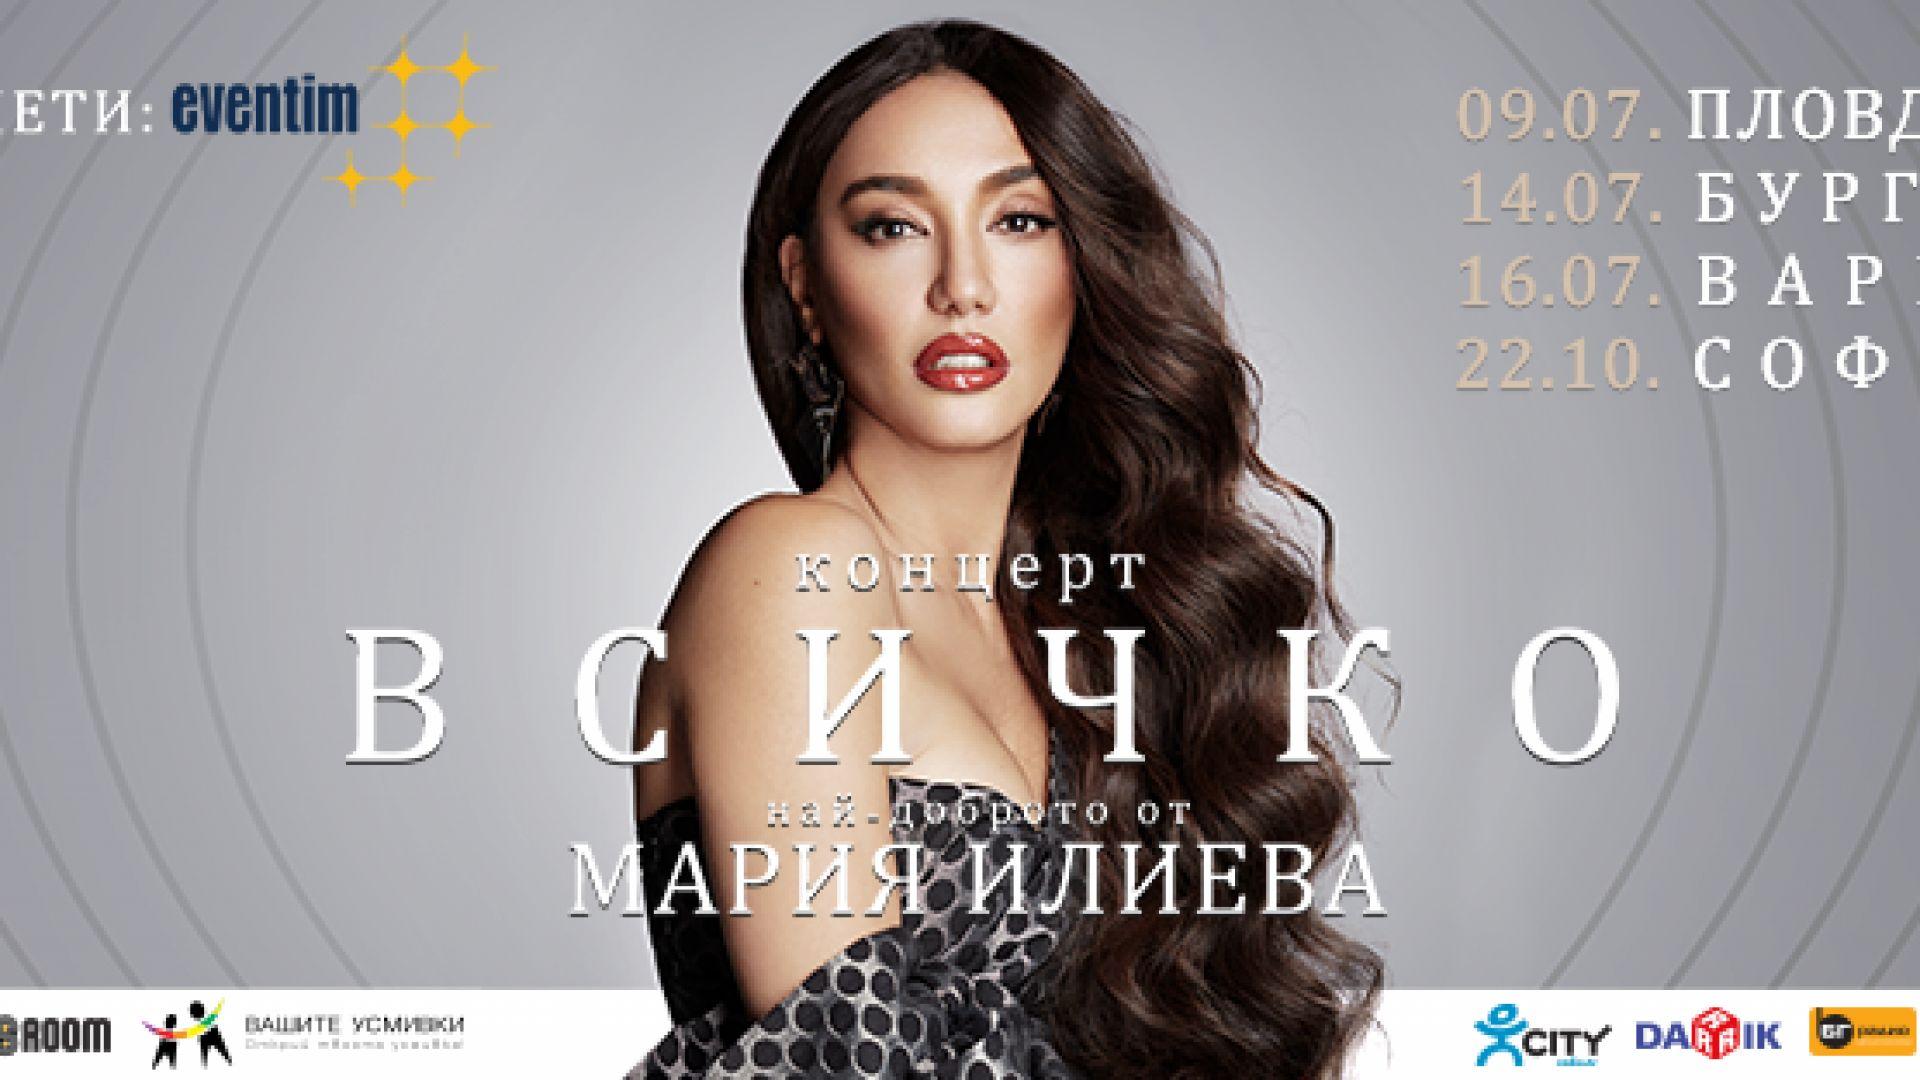 Любо Киров, Графа и Стефан Илчев - специалните гости на турнето на Мария Илиева